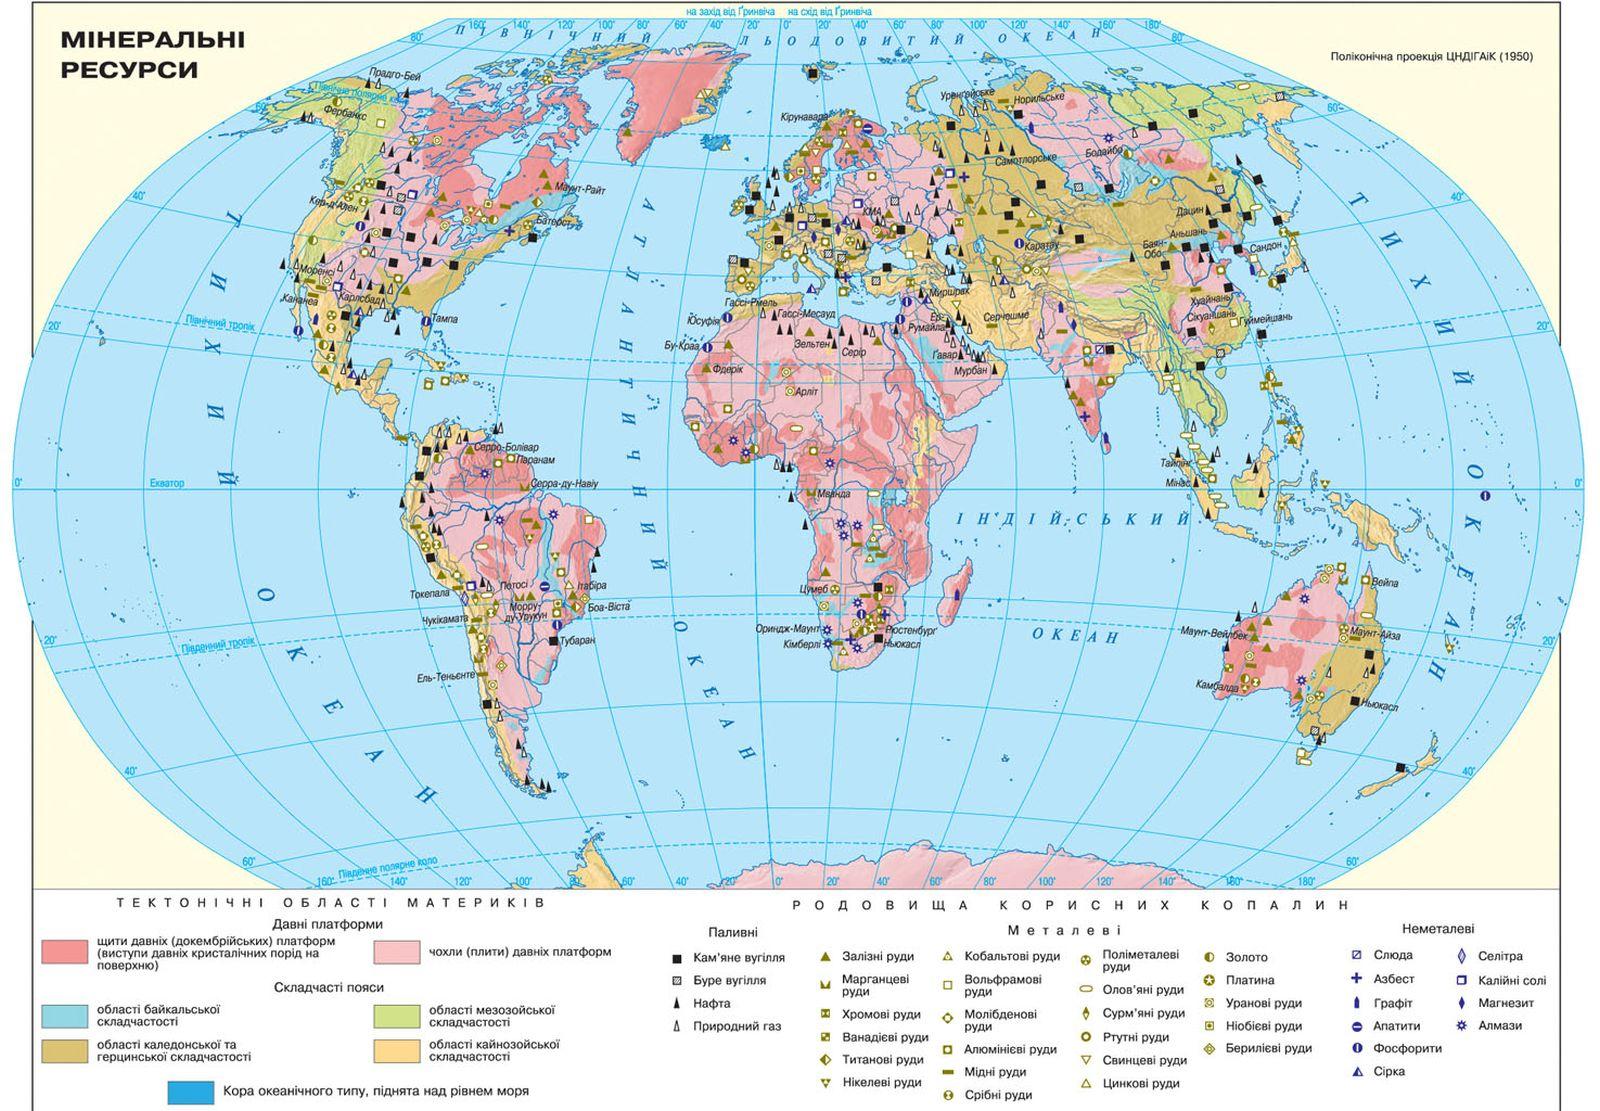 Мінеральні ресурси світу - мапа